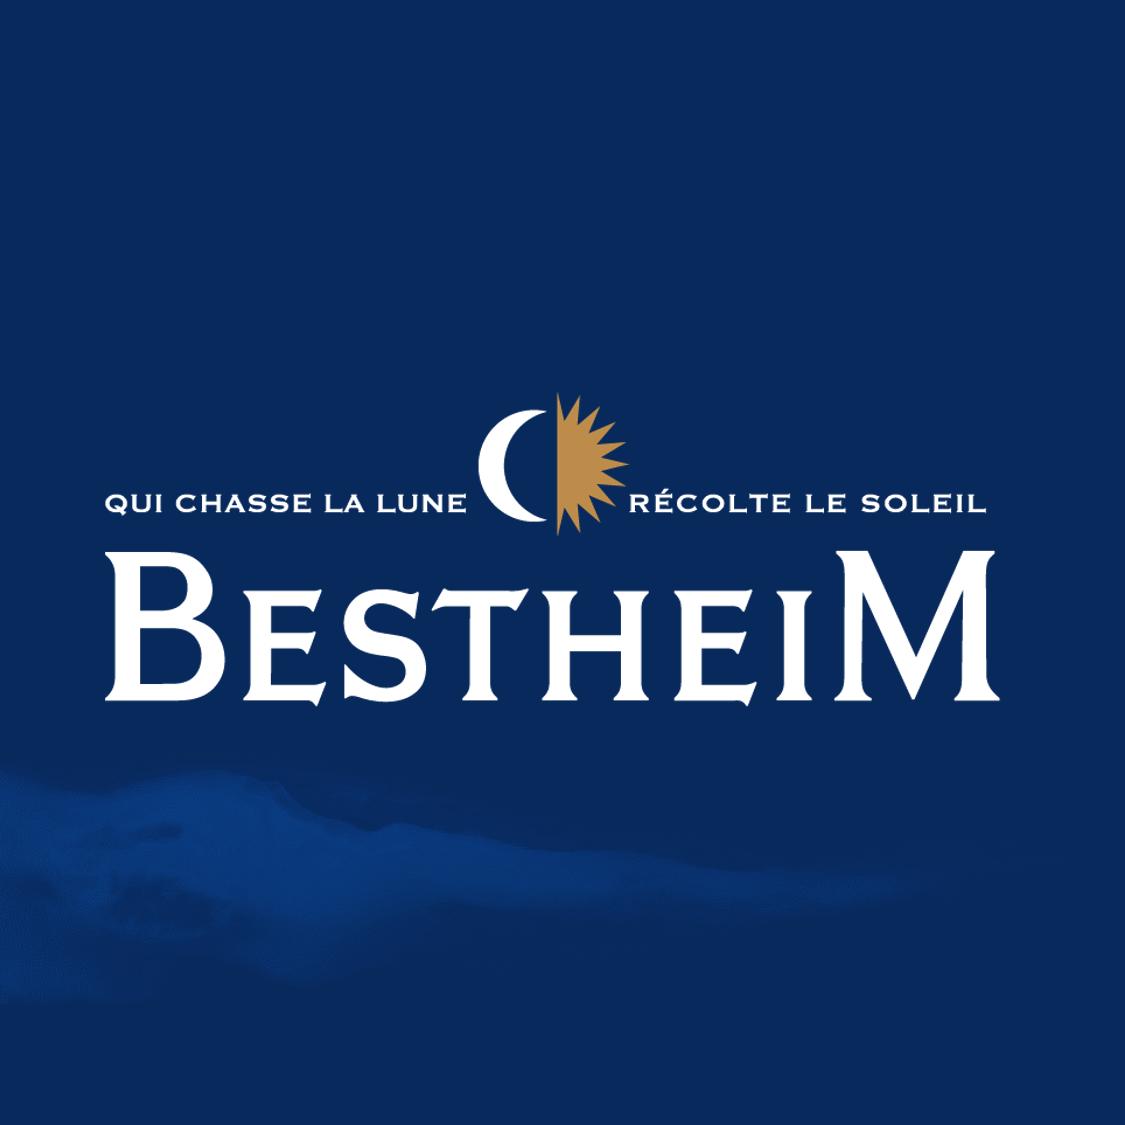 Bestheim élargit sa communication aux podcasts